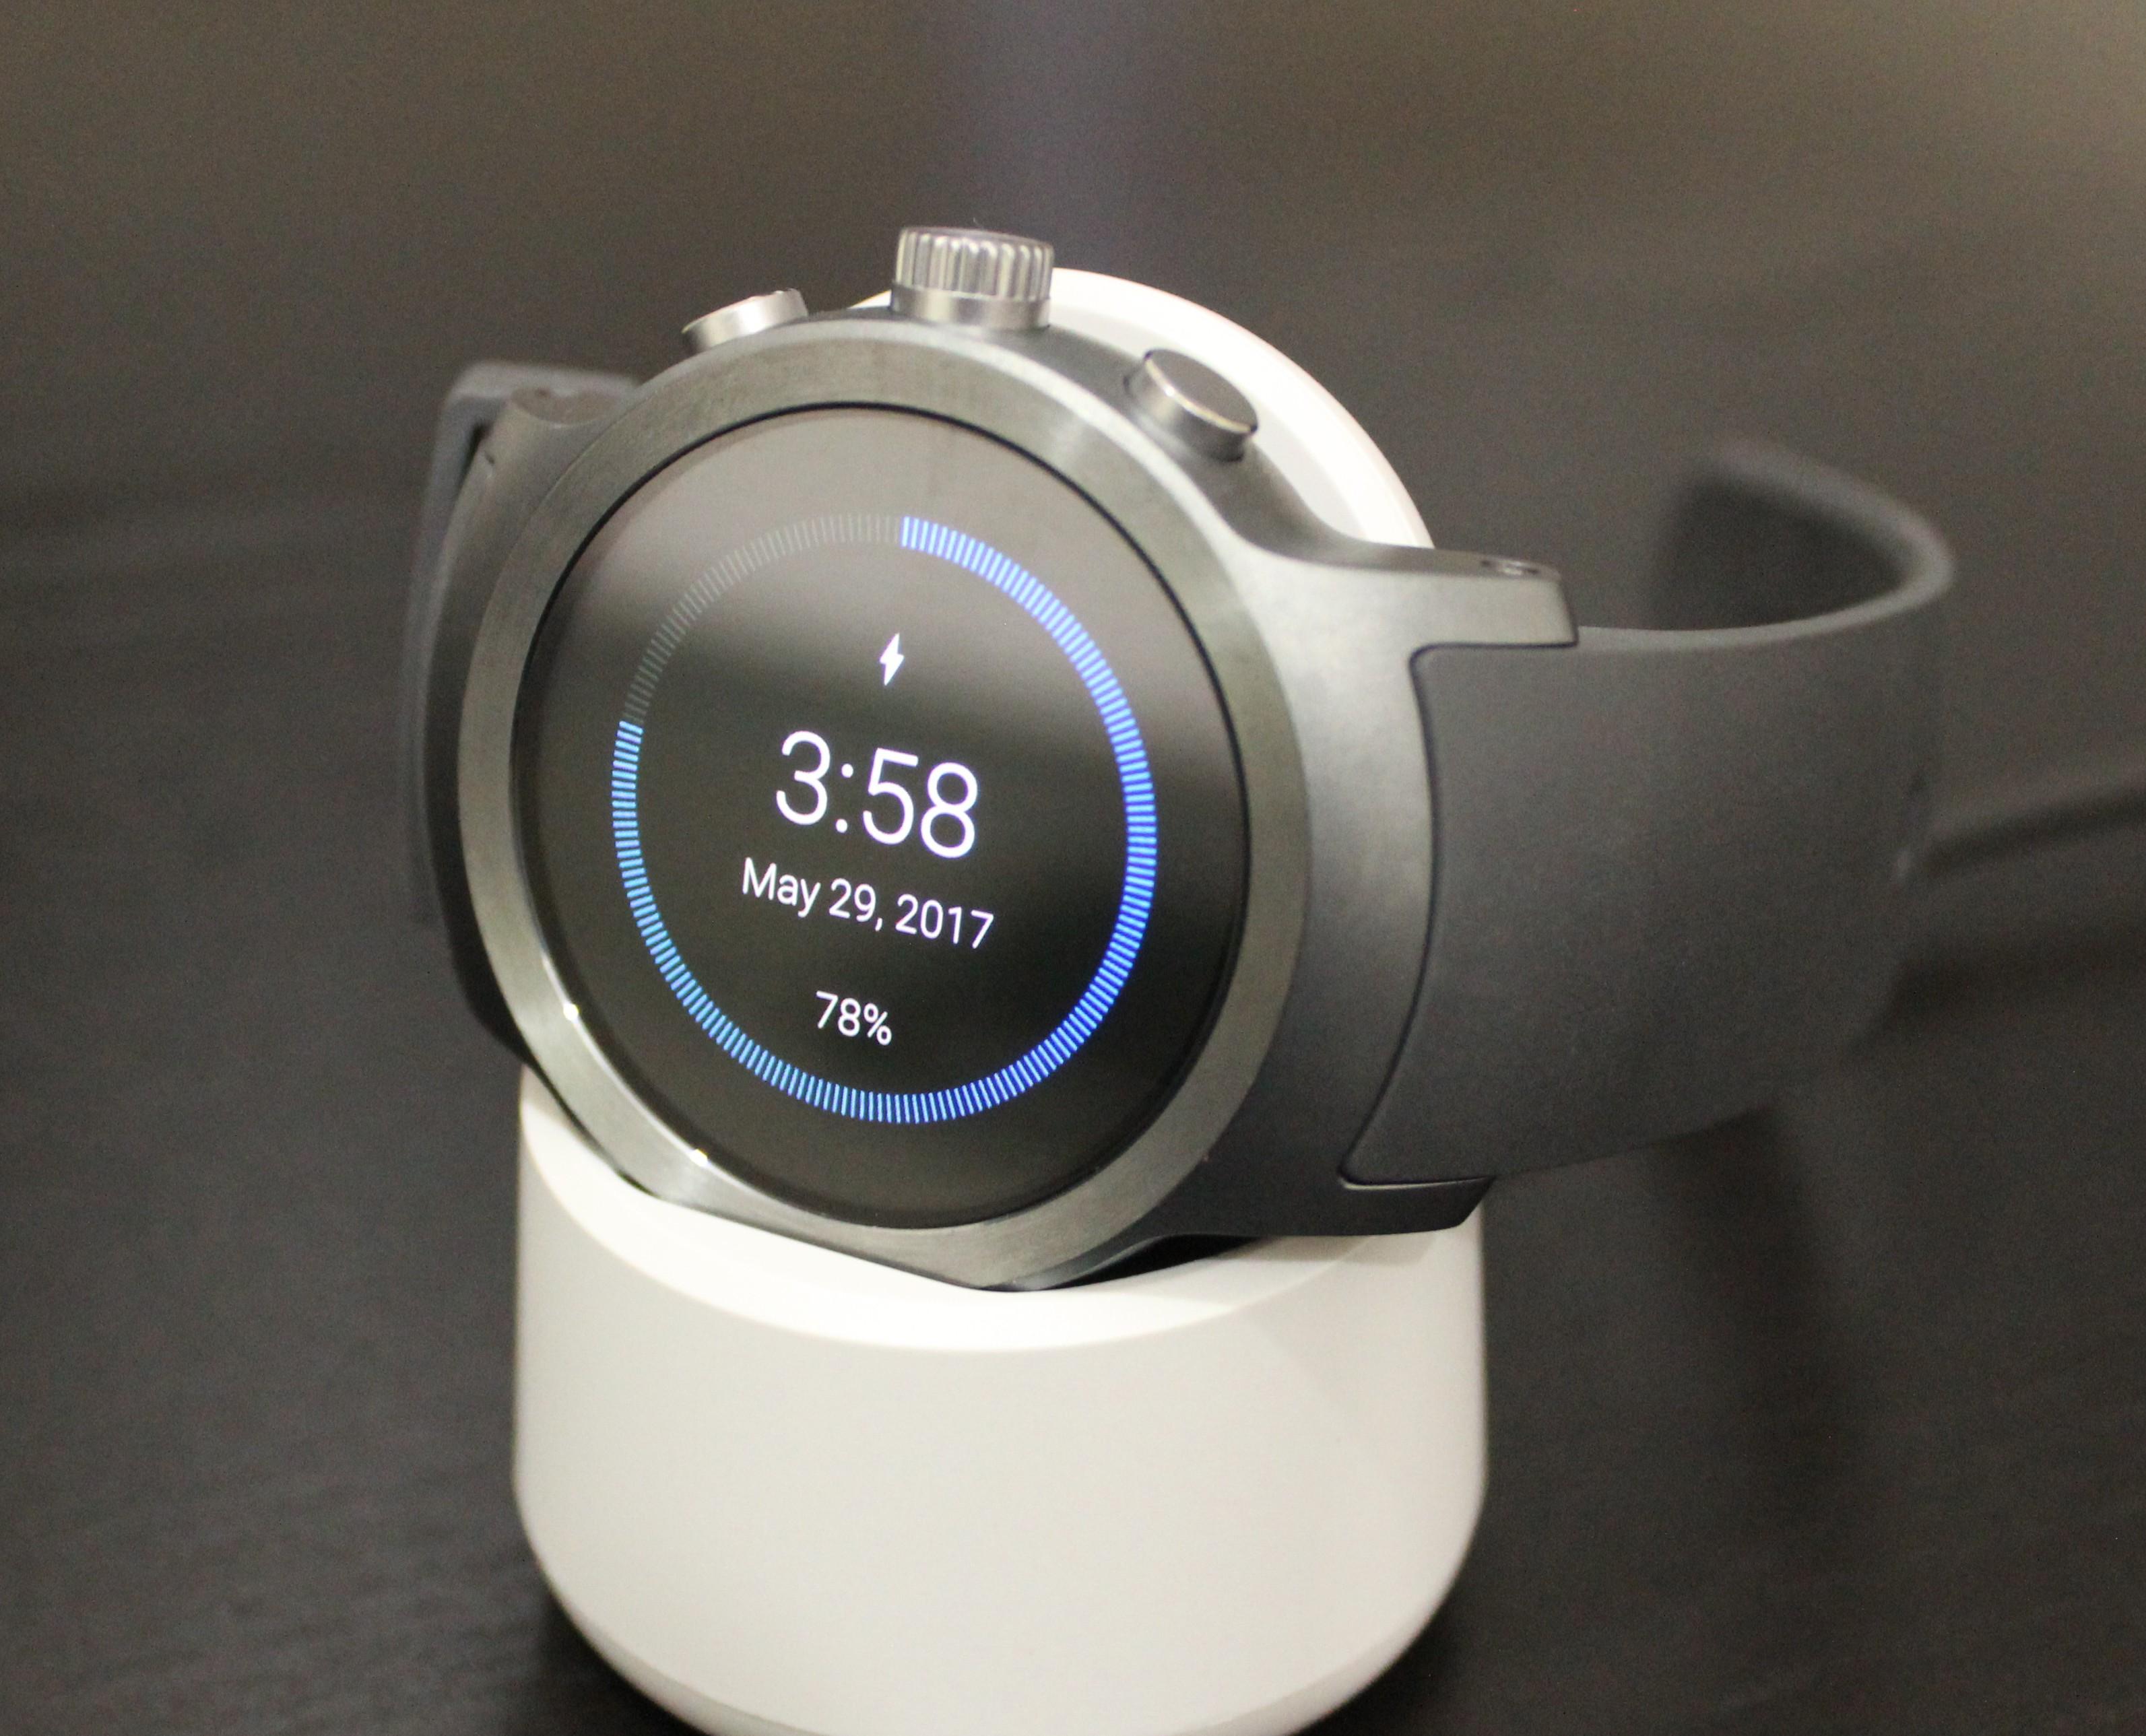 9b49c9a4e787 ... с будильником и фитнес-трекером, а также многими другими не менее  важными функциями. Чем же хороши новые смарт-часы от LG стоимостью 349  долларов